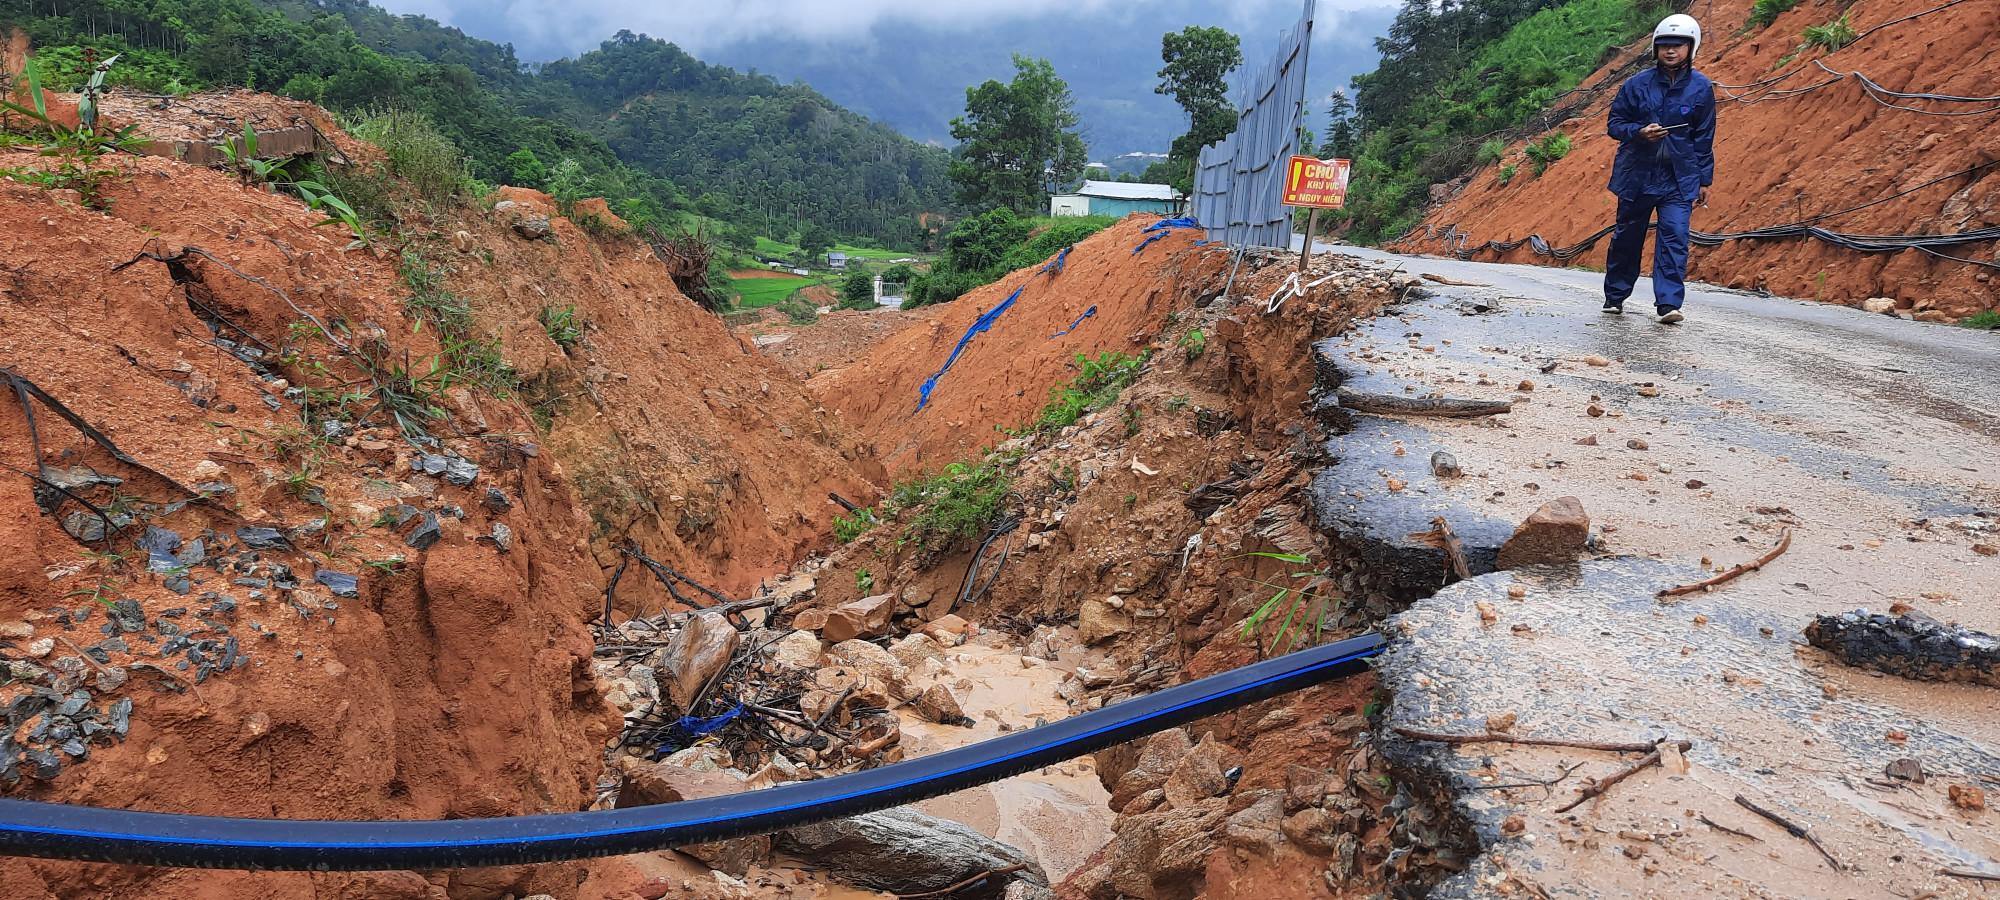 Hiện tại, rất nhiều nơi trên tuyến đường dài gần 80km (Phước Công- Phước Lộc; Phước Kim- Phước Thành- Phước Lộc) bị sạt lở nặng.